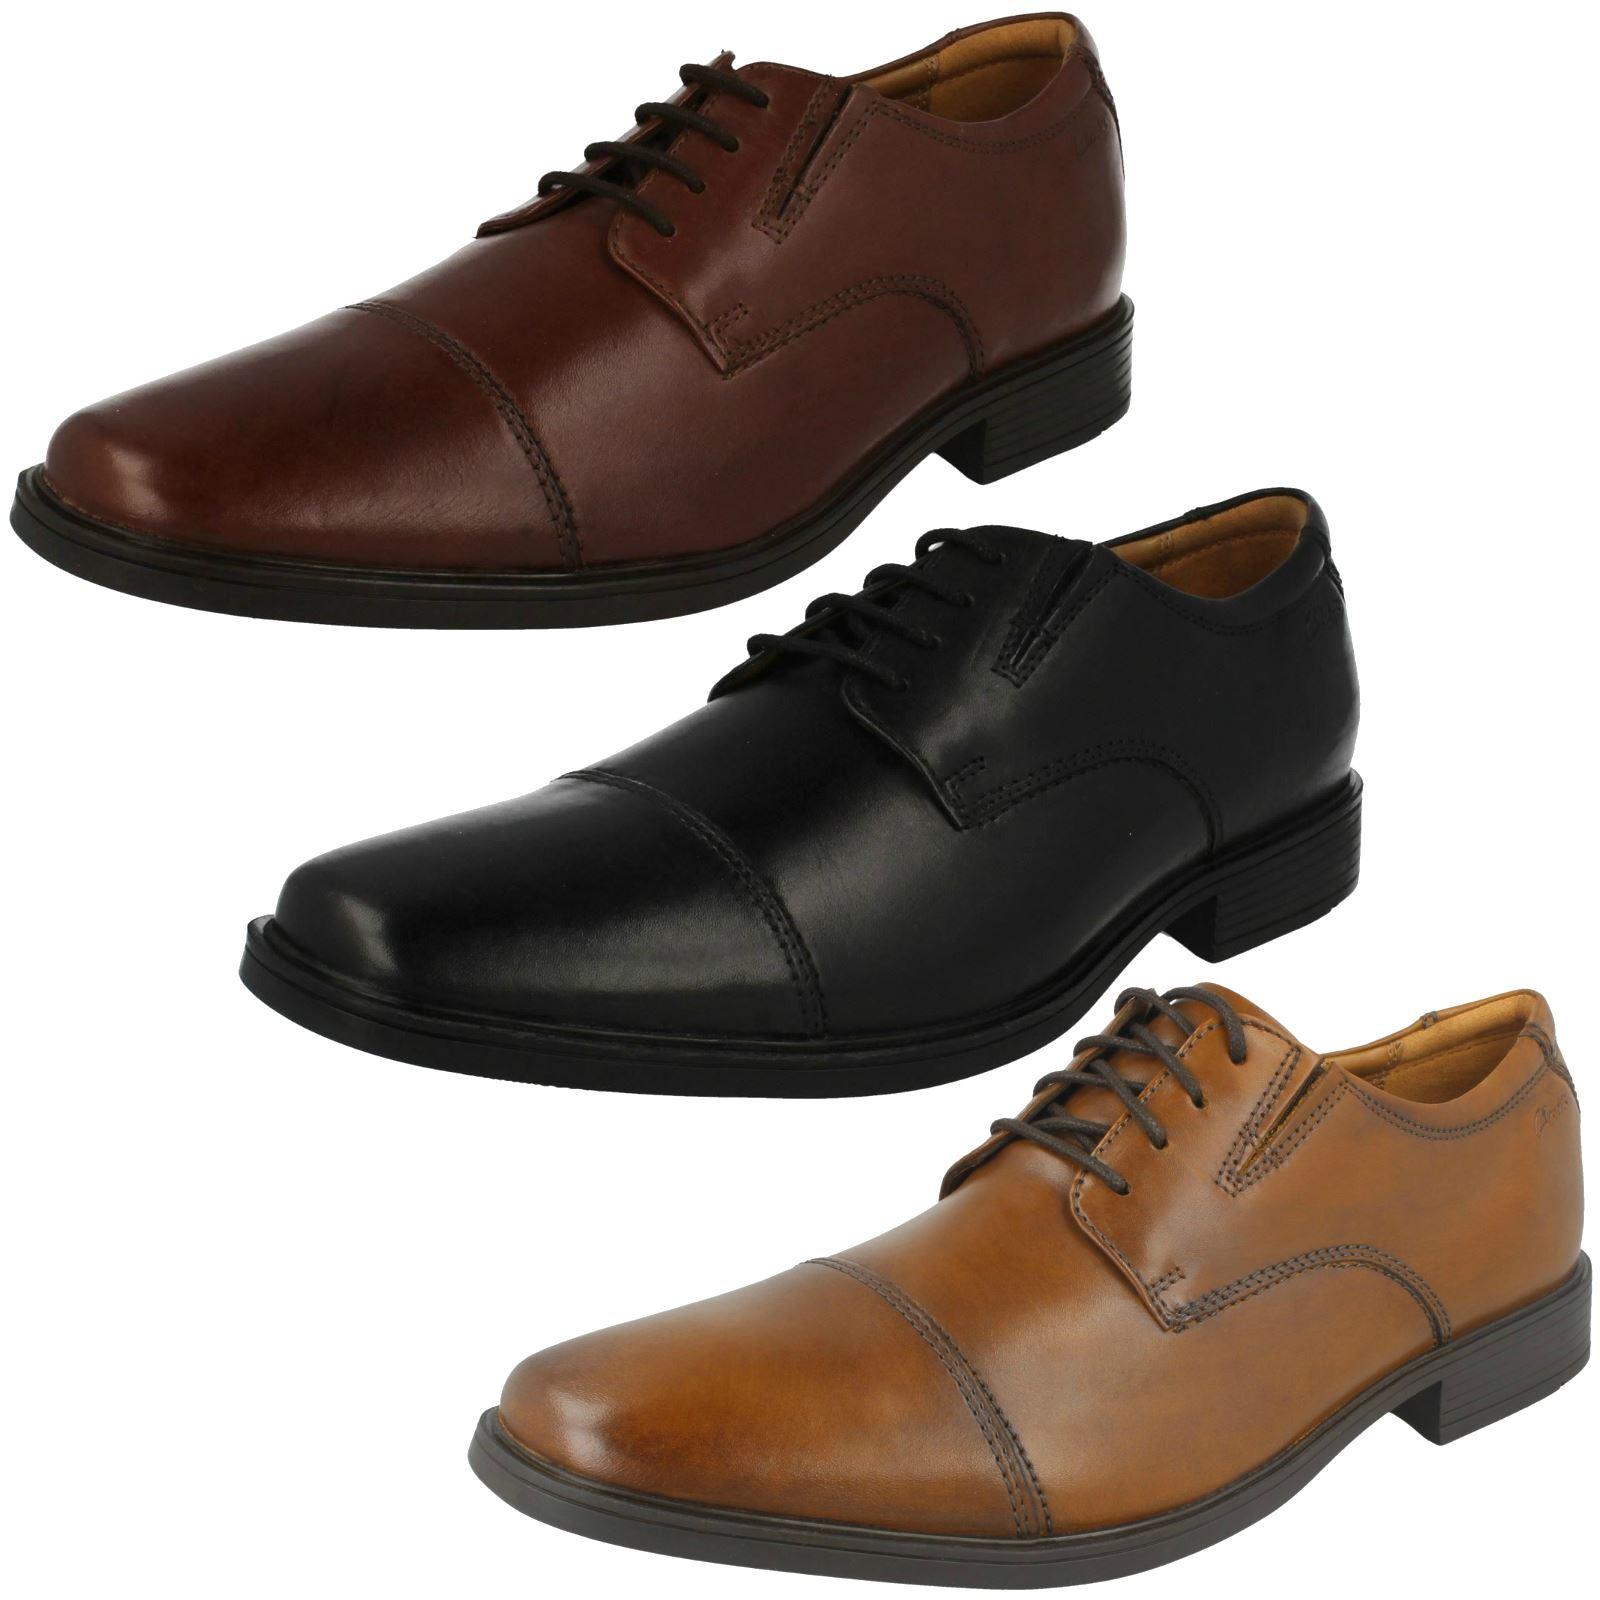 supporto al dettaglio all'ingrosso Da Uomo Uomo Uomo Clarks Formali Con Lacci Scarpe  Tilden è Cap   nuovi prodotti novità